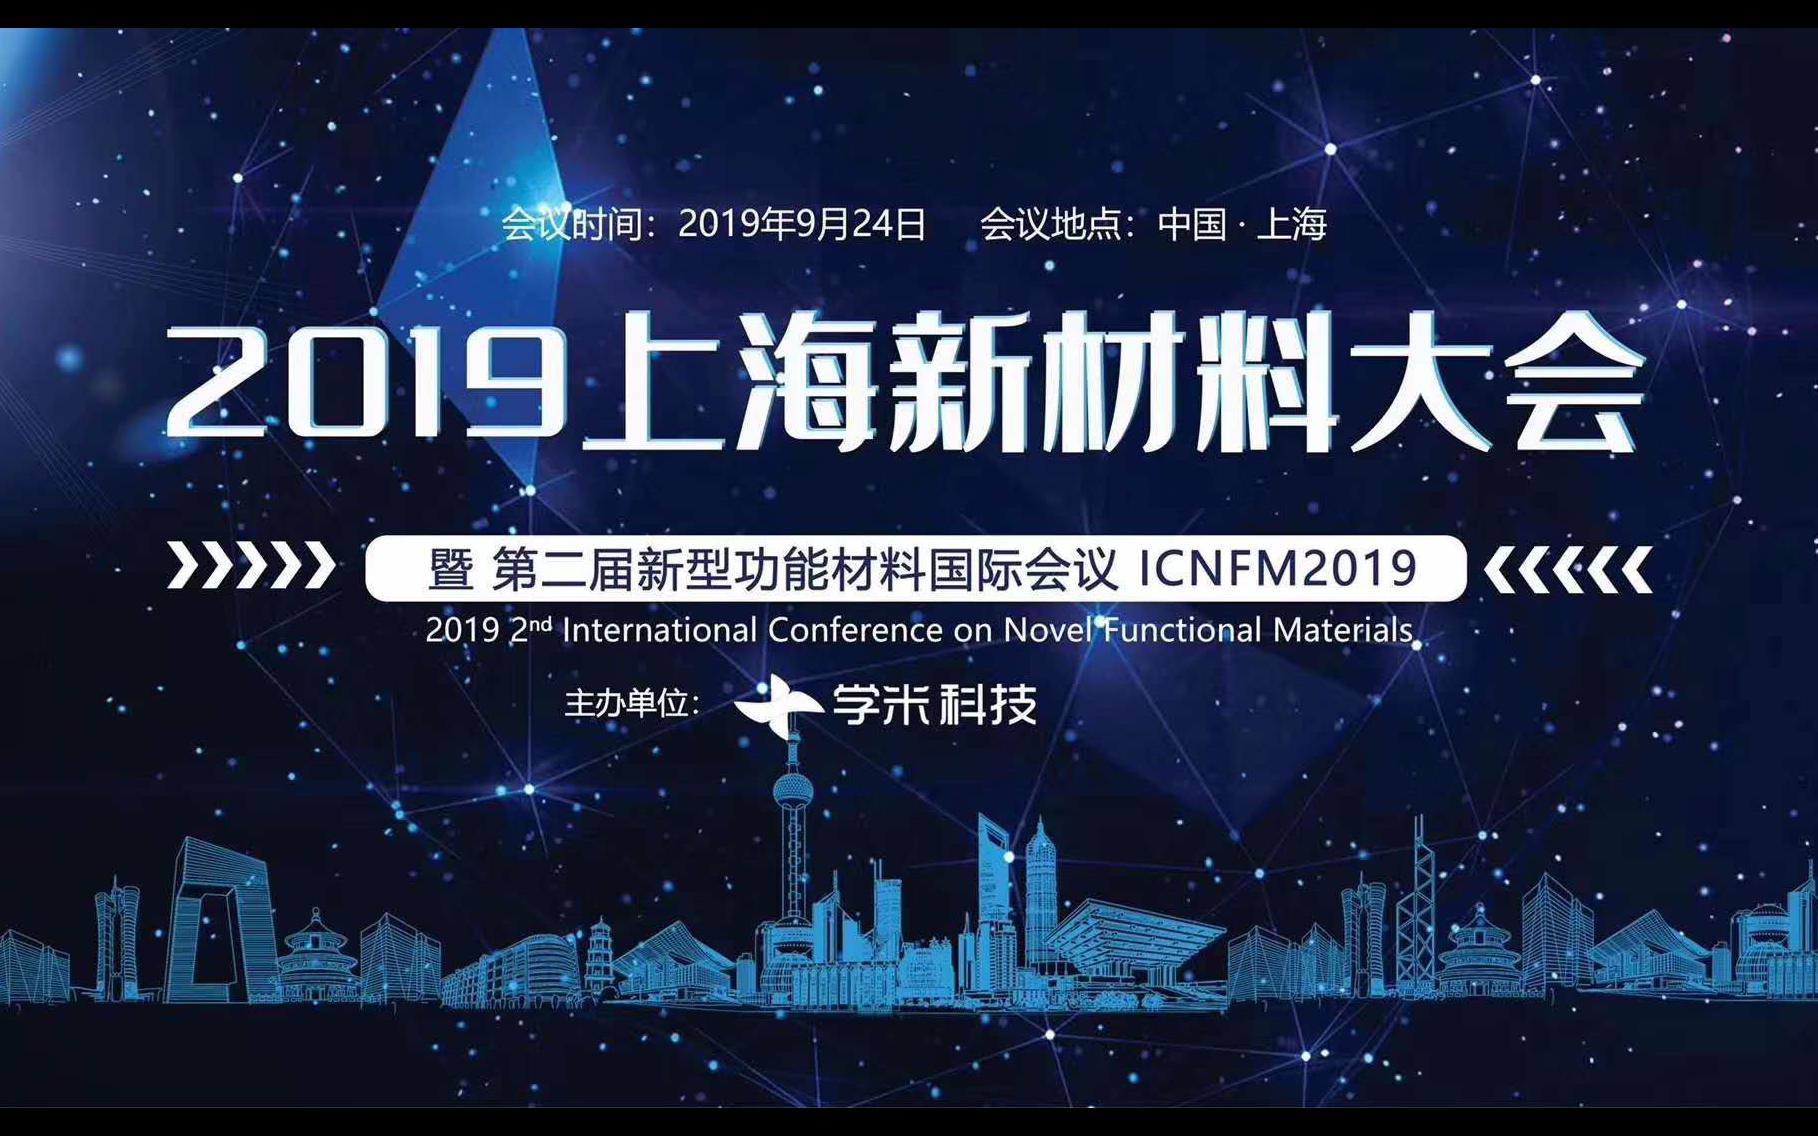 2019热门能源化工行业大会排行榜